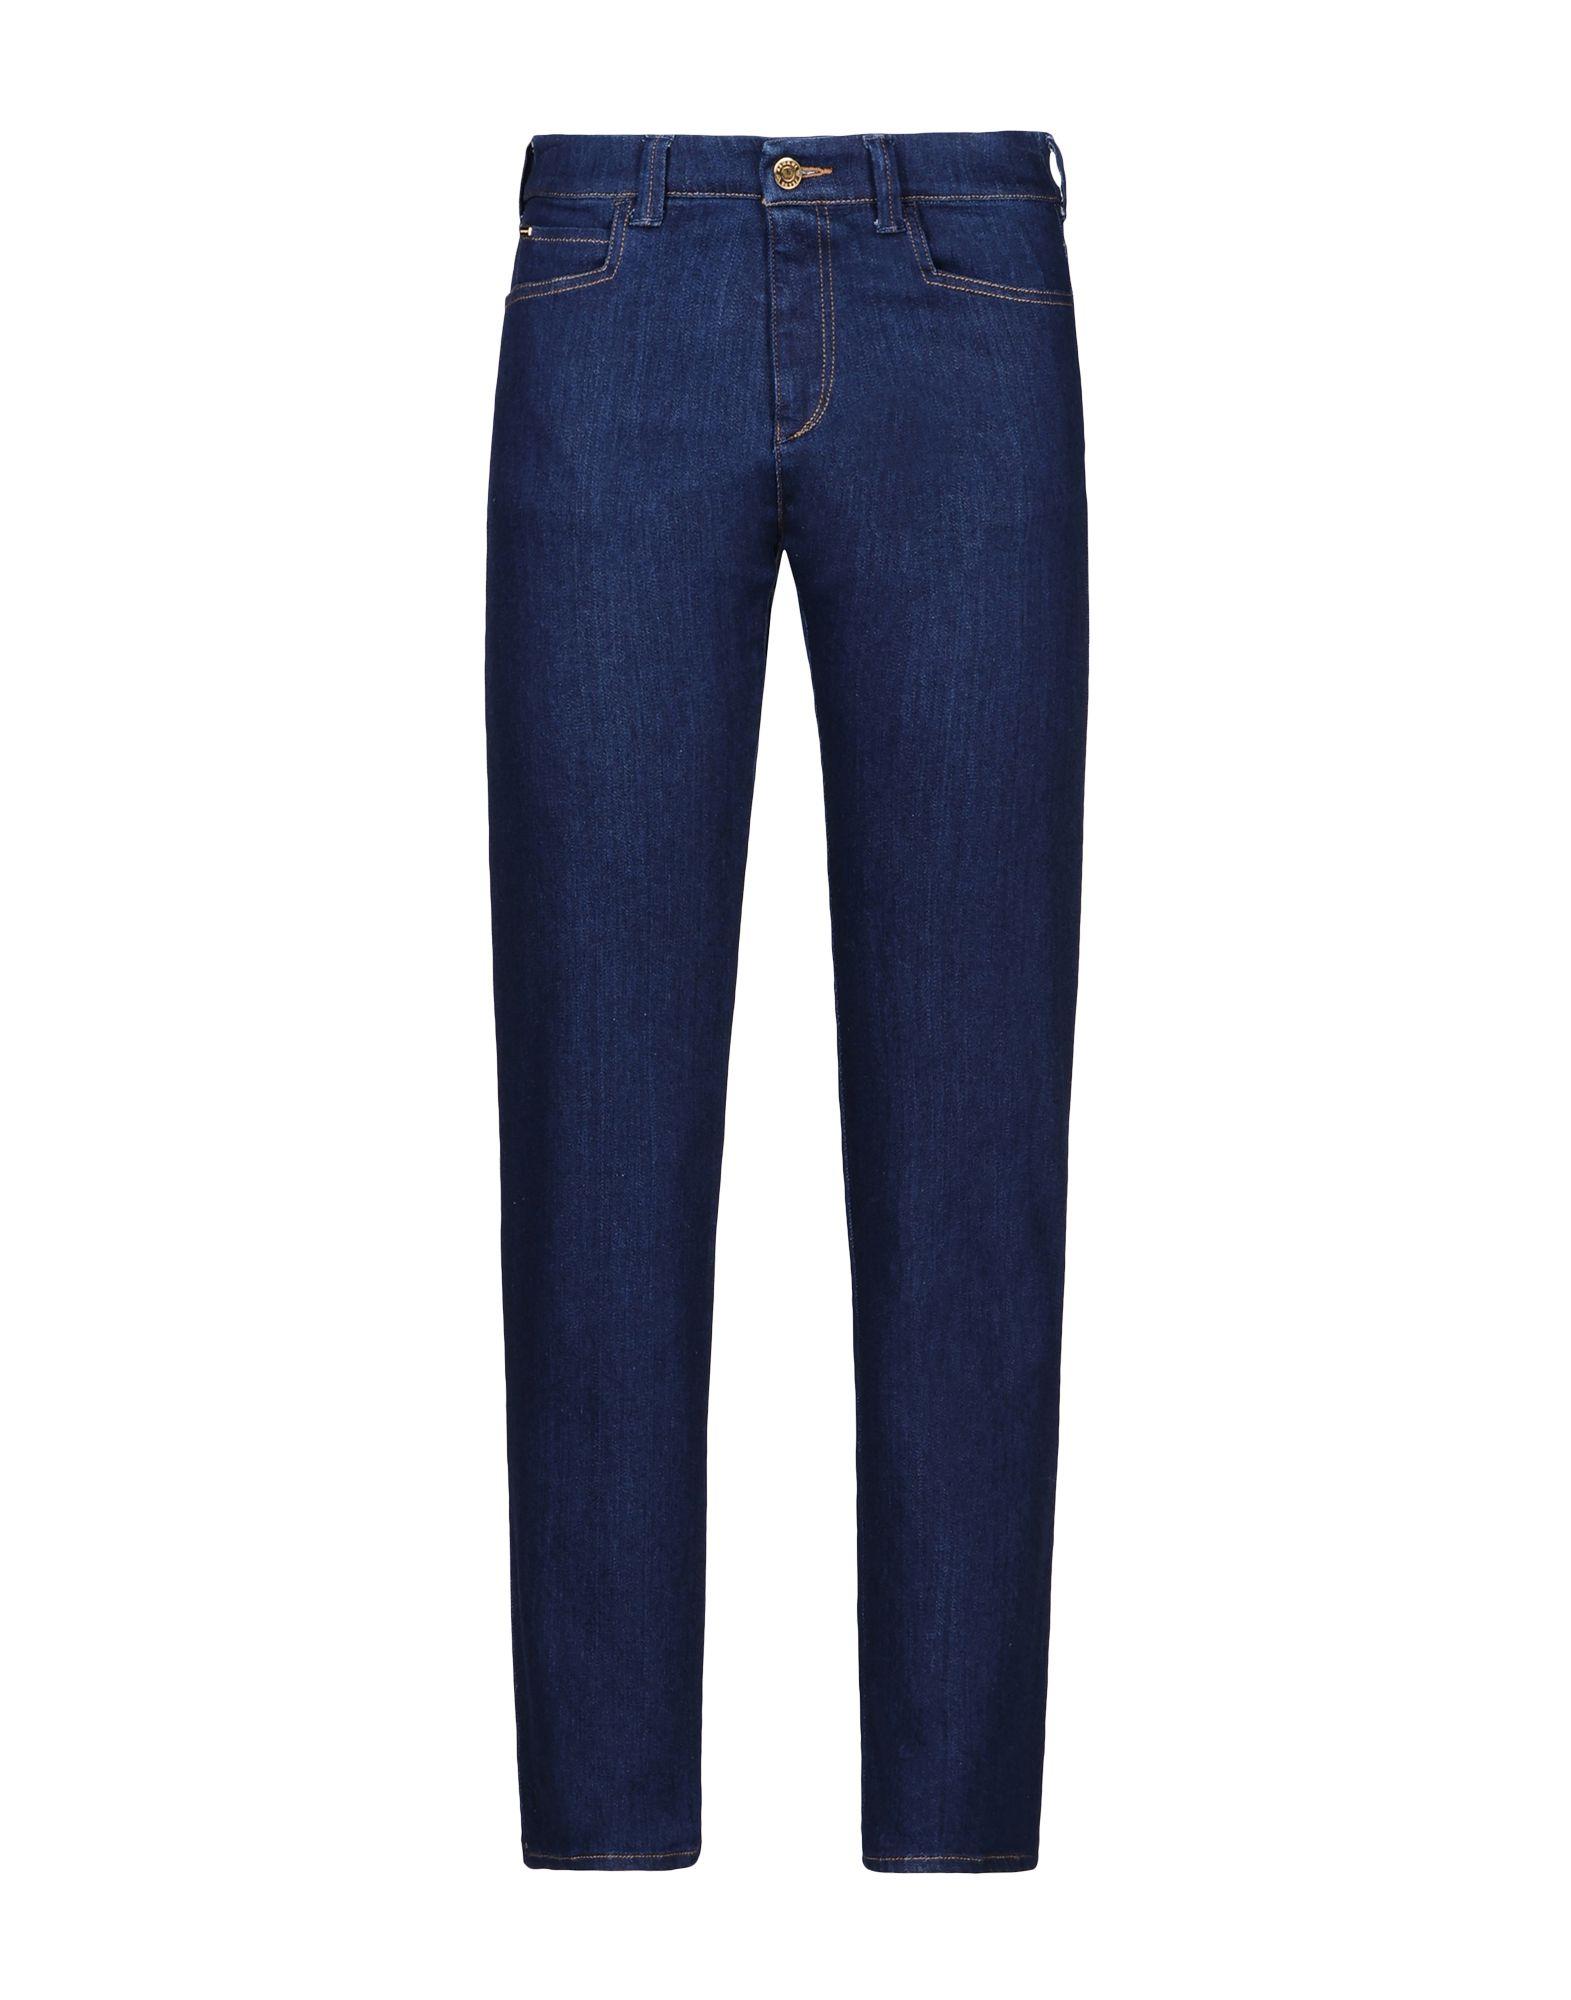 Pantaloni Jeans Armani Jeans damen - 42699055UC